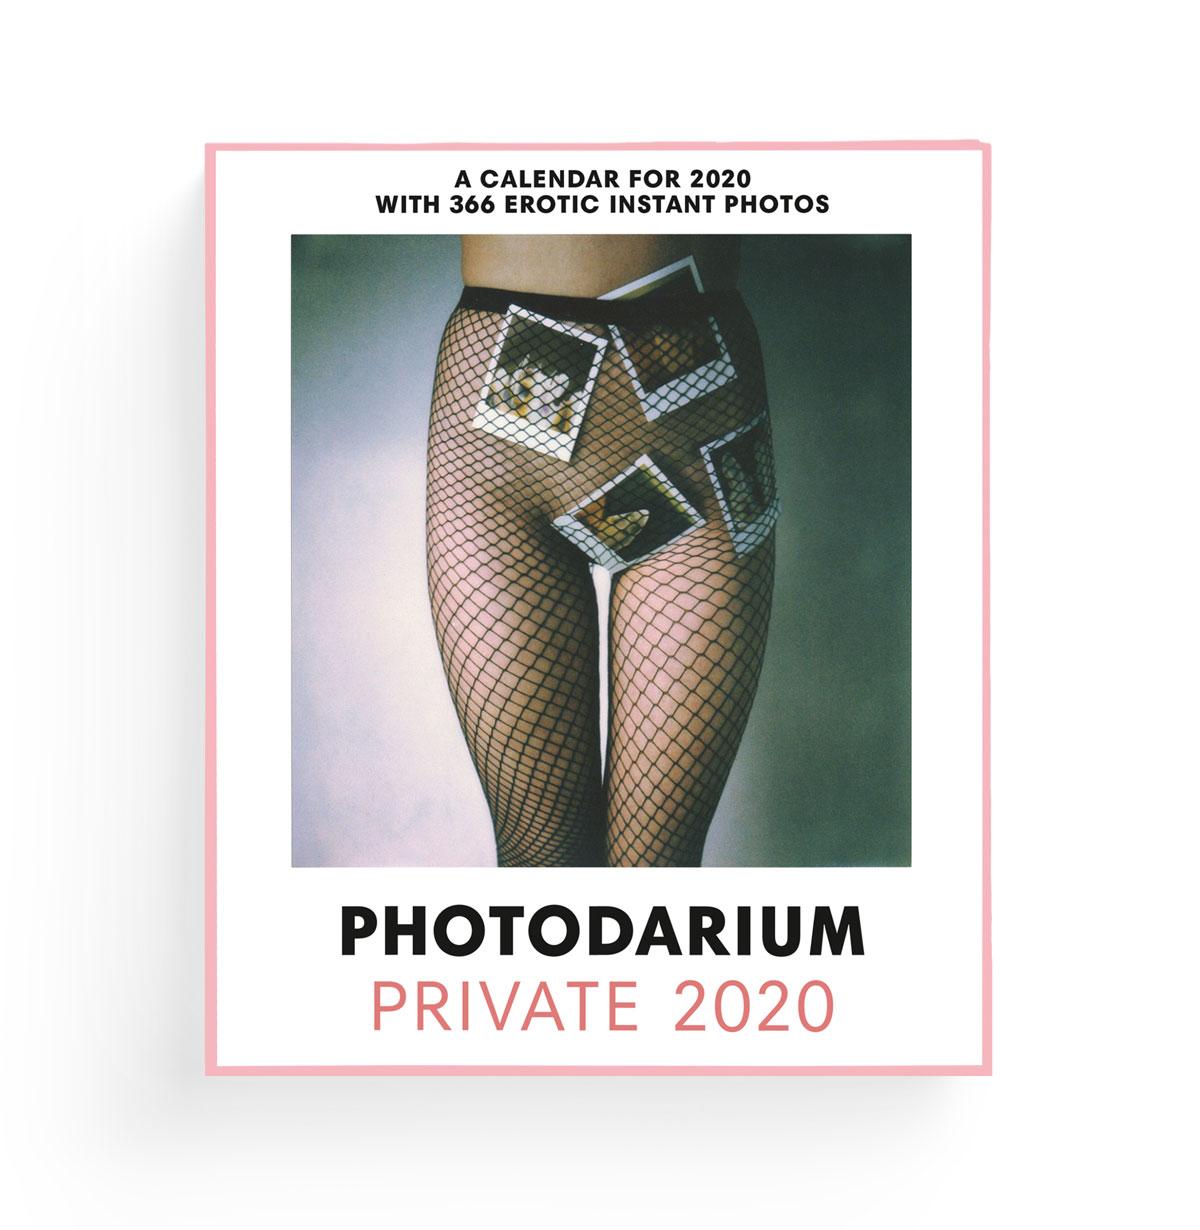 Photodarium-Private-2020-slanted_02